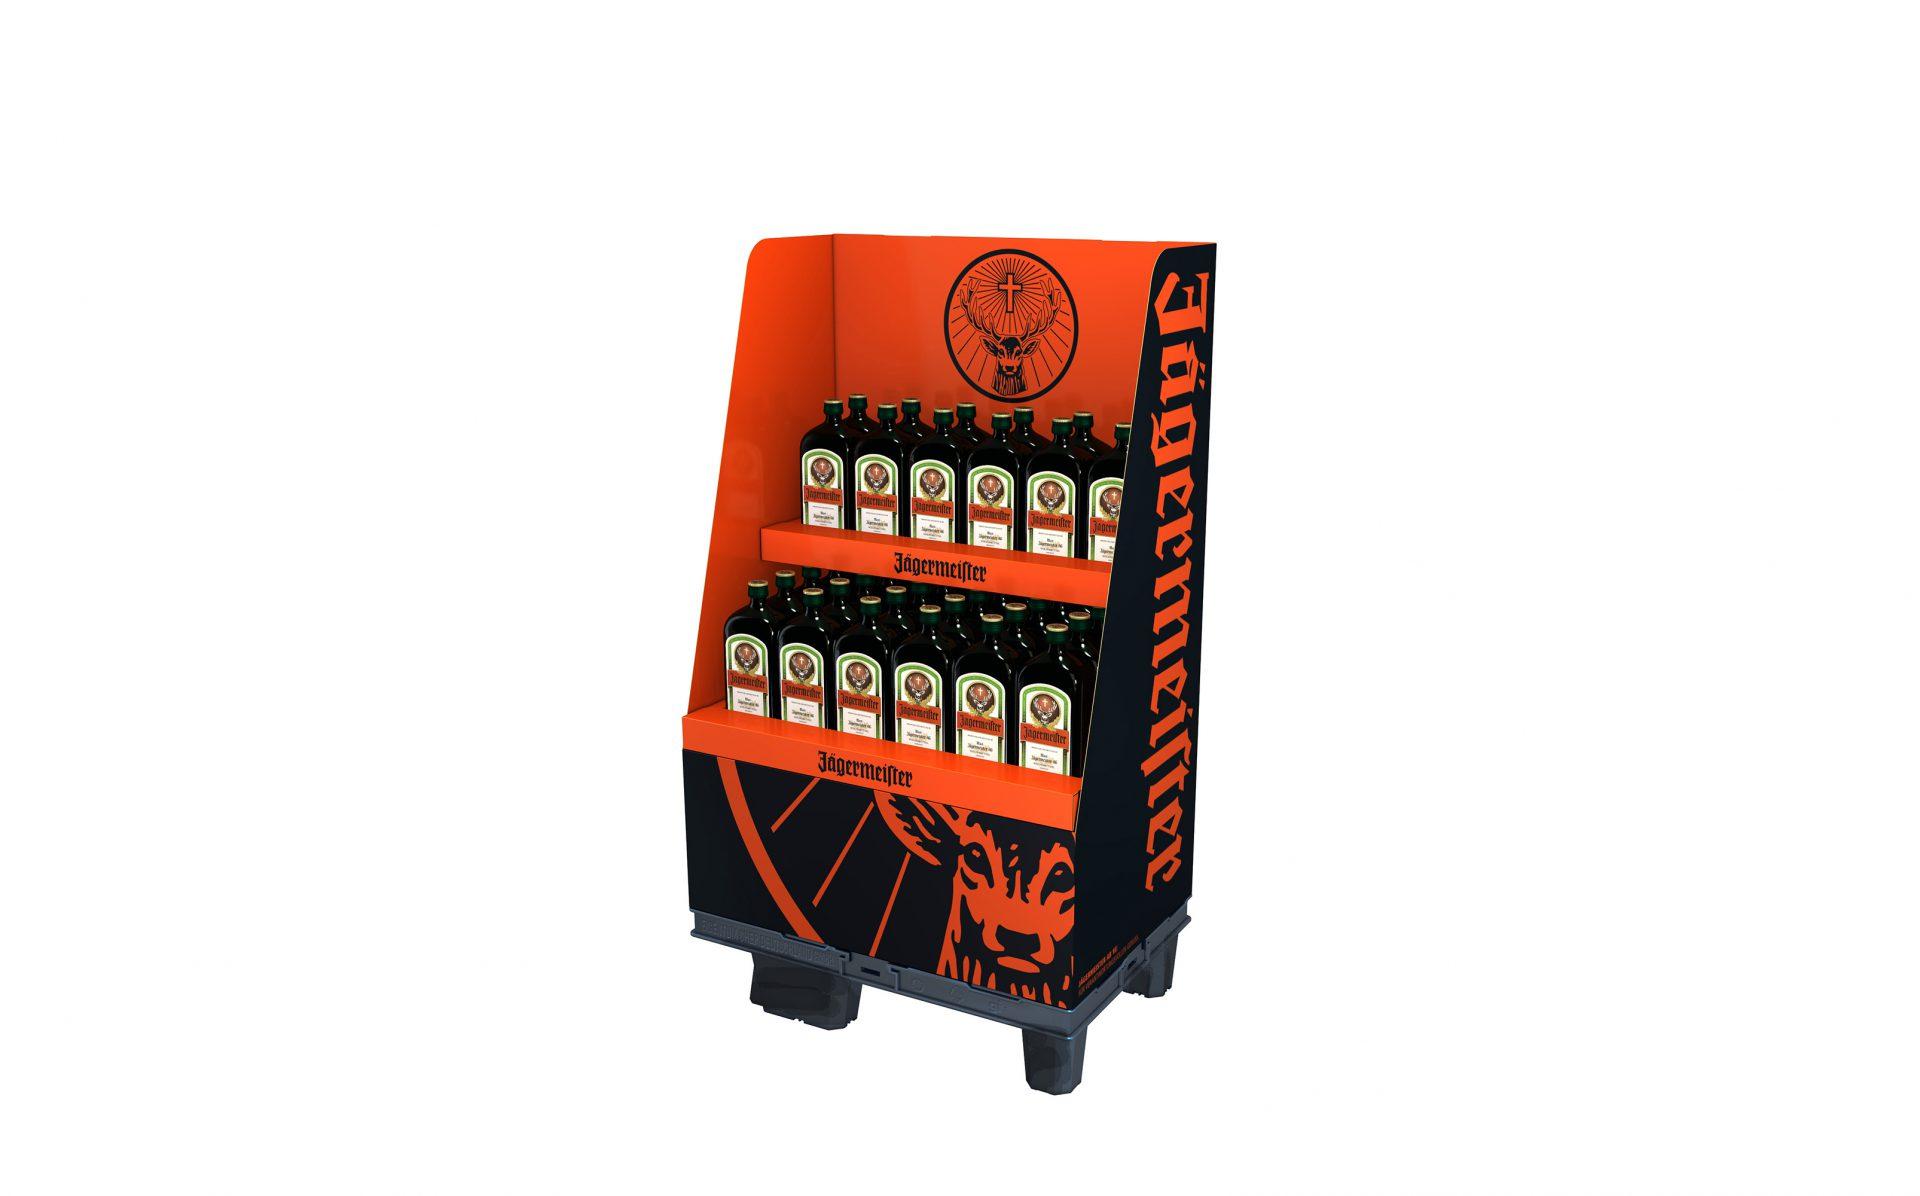 POS-Display für Jägermeister für den Verkauf in Supermärkten. Brand Design von Realgestalt